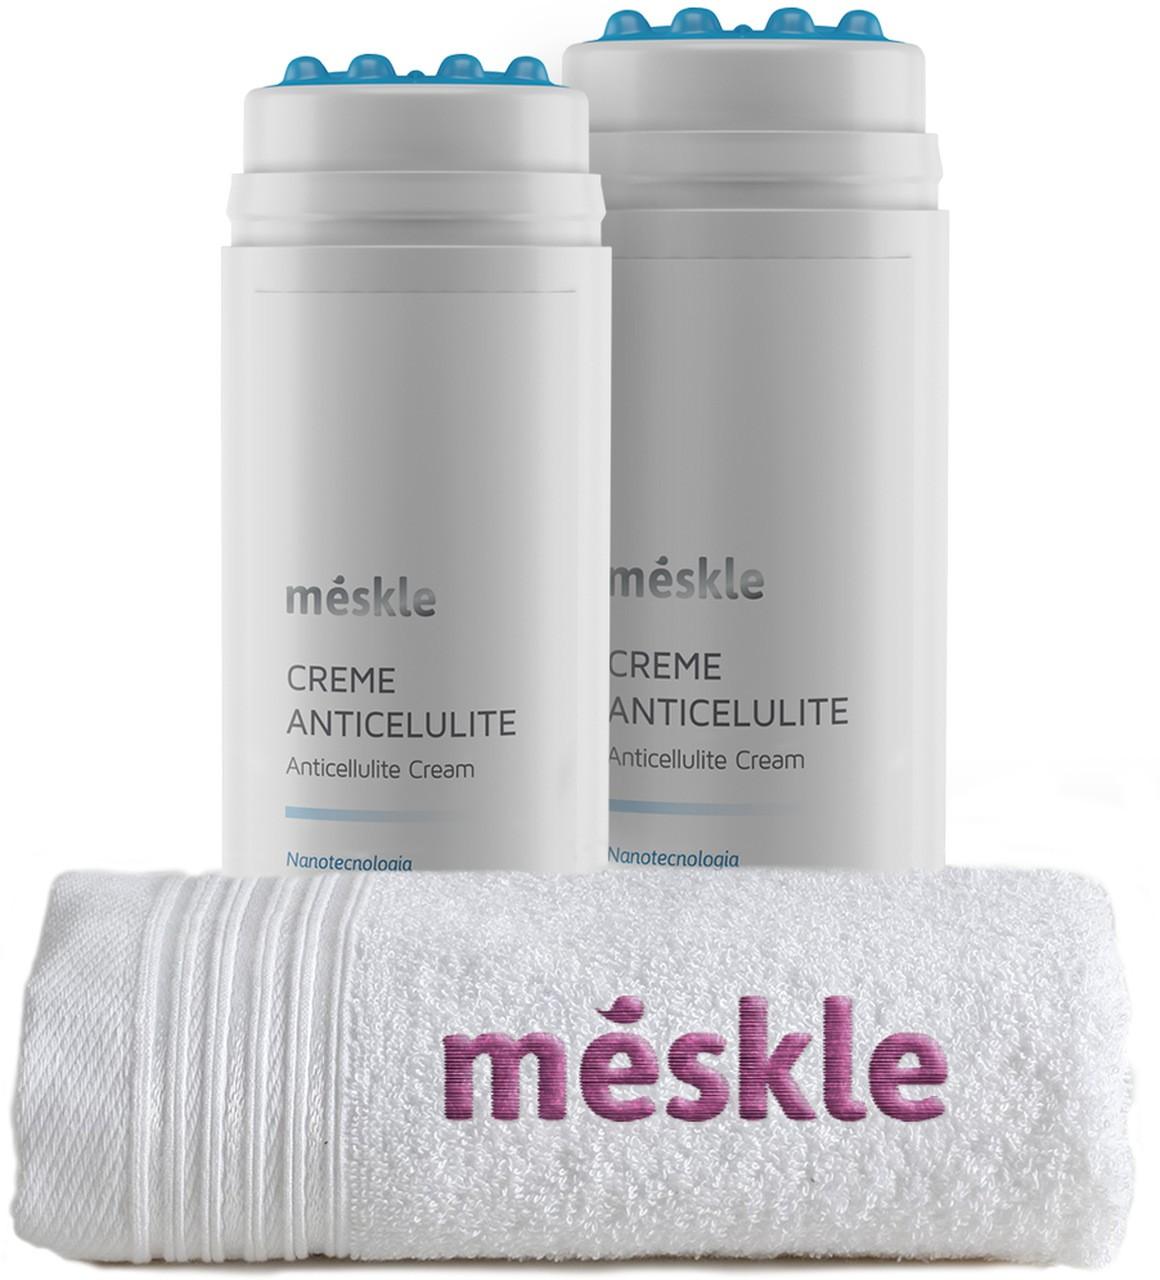 KIT com 2 Cremes Anticelulite Méskle